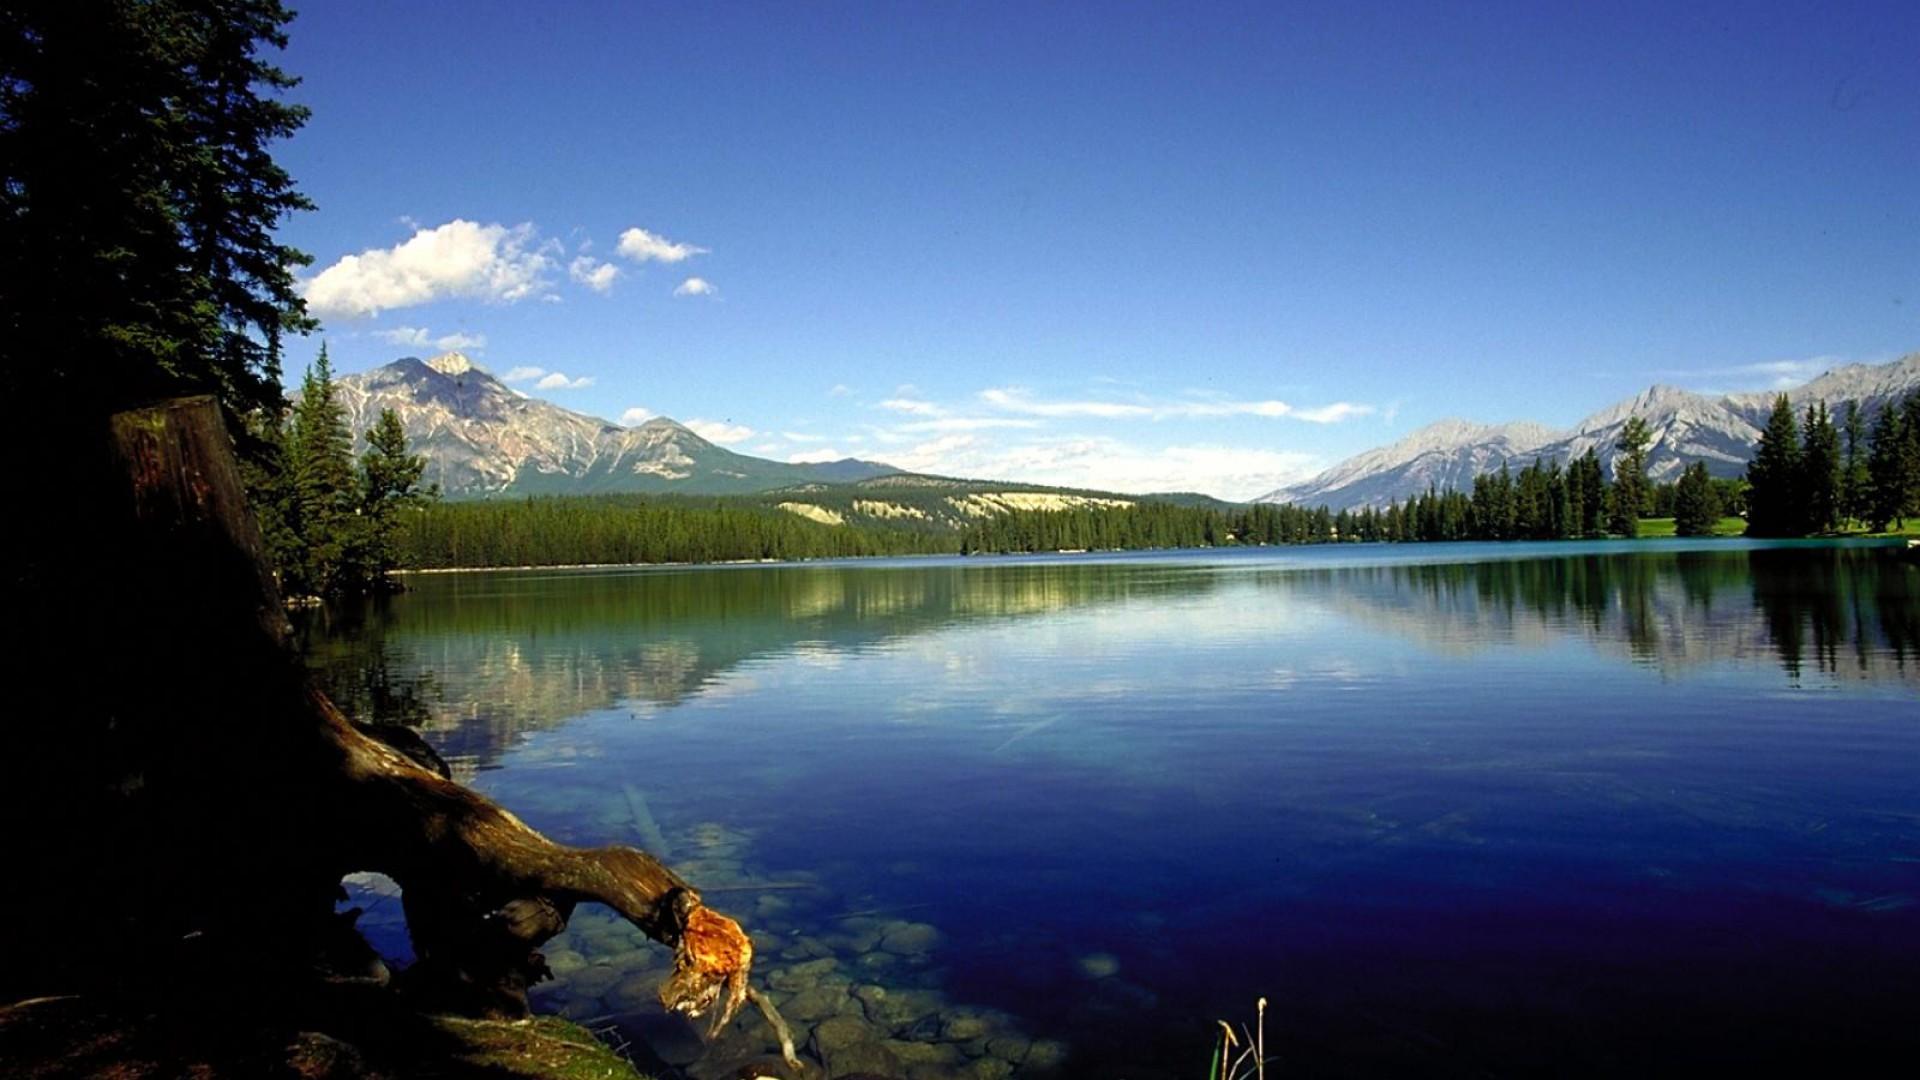 Lake Pictures Wallpaper Wallpapersafari